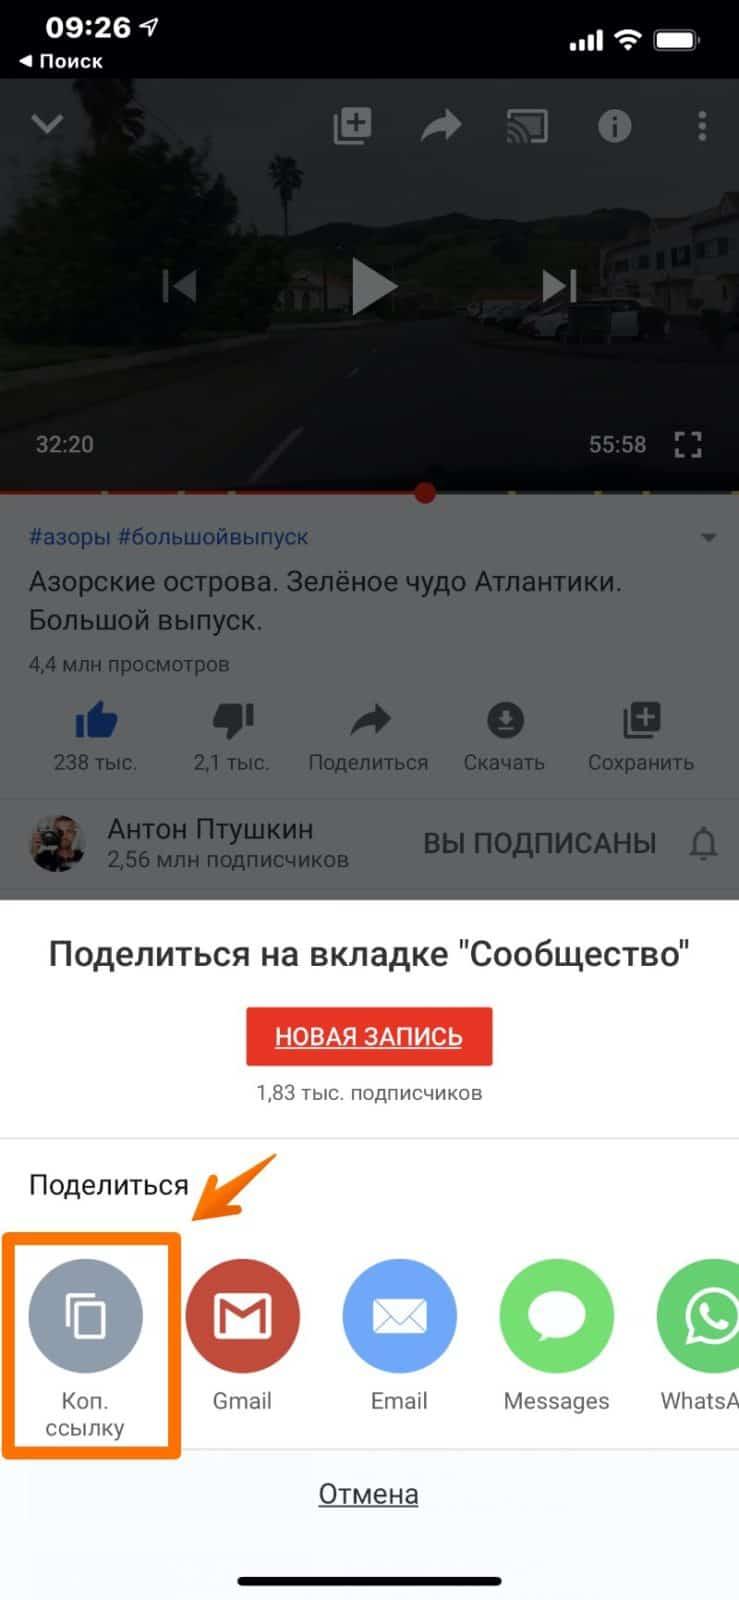 Как скачать видео с YouTube в дорогу 2